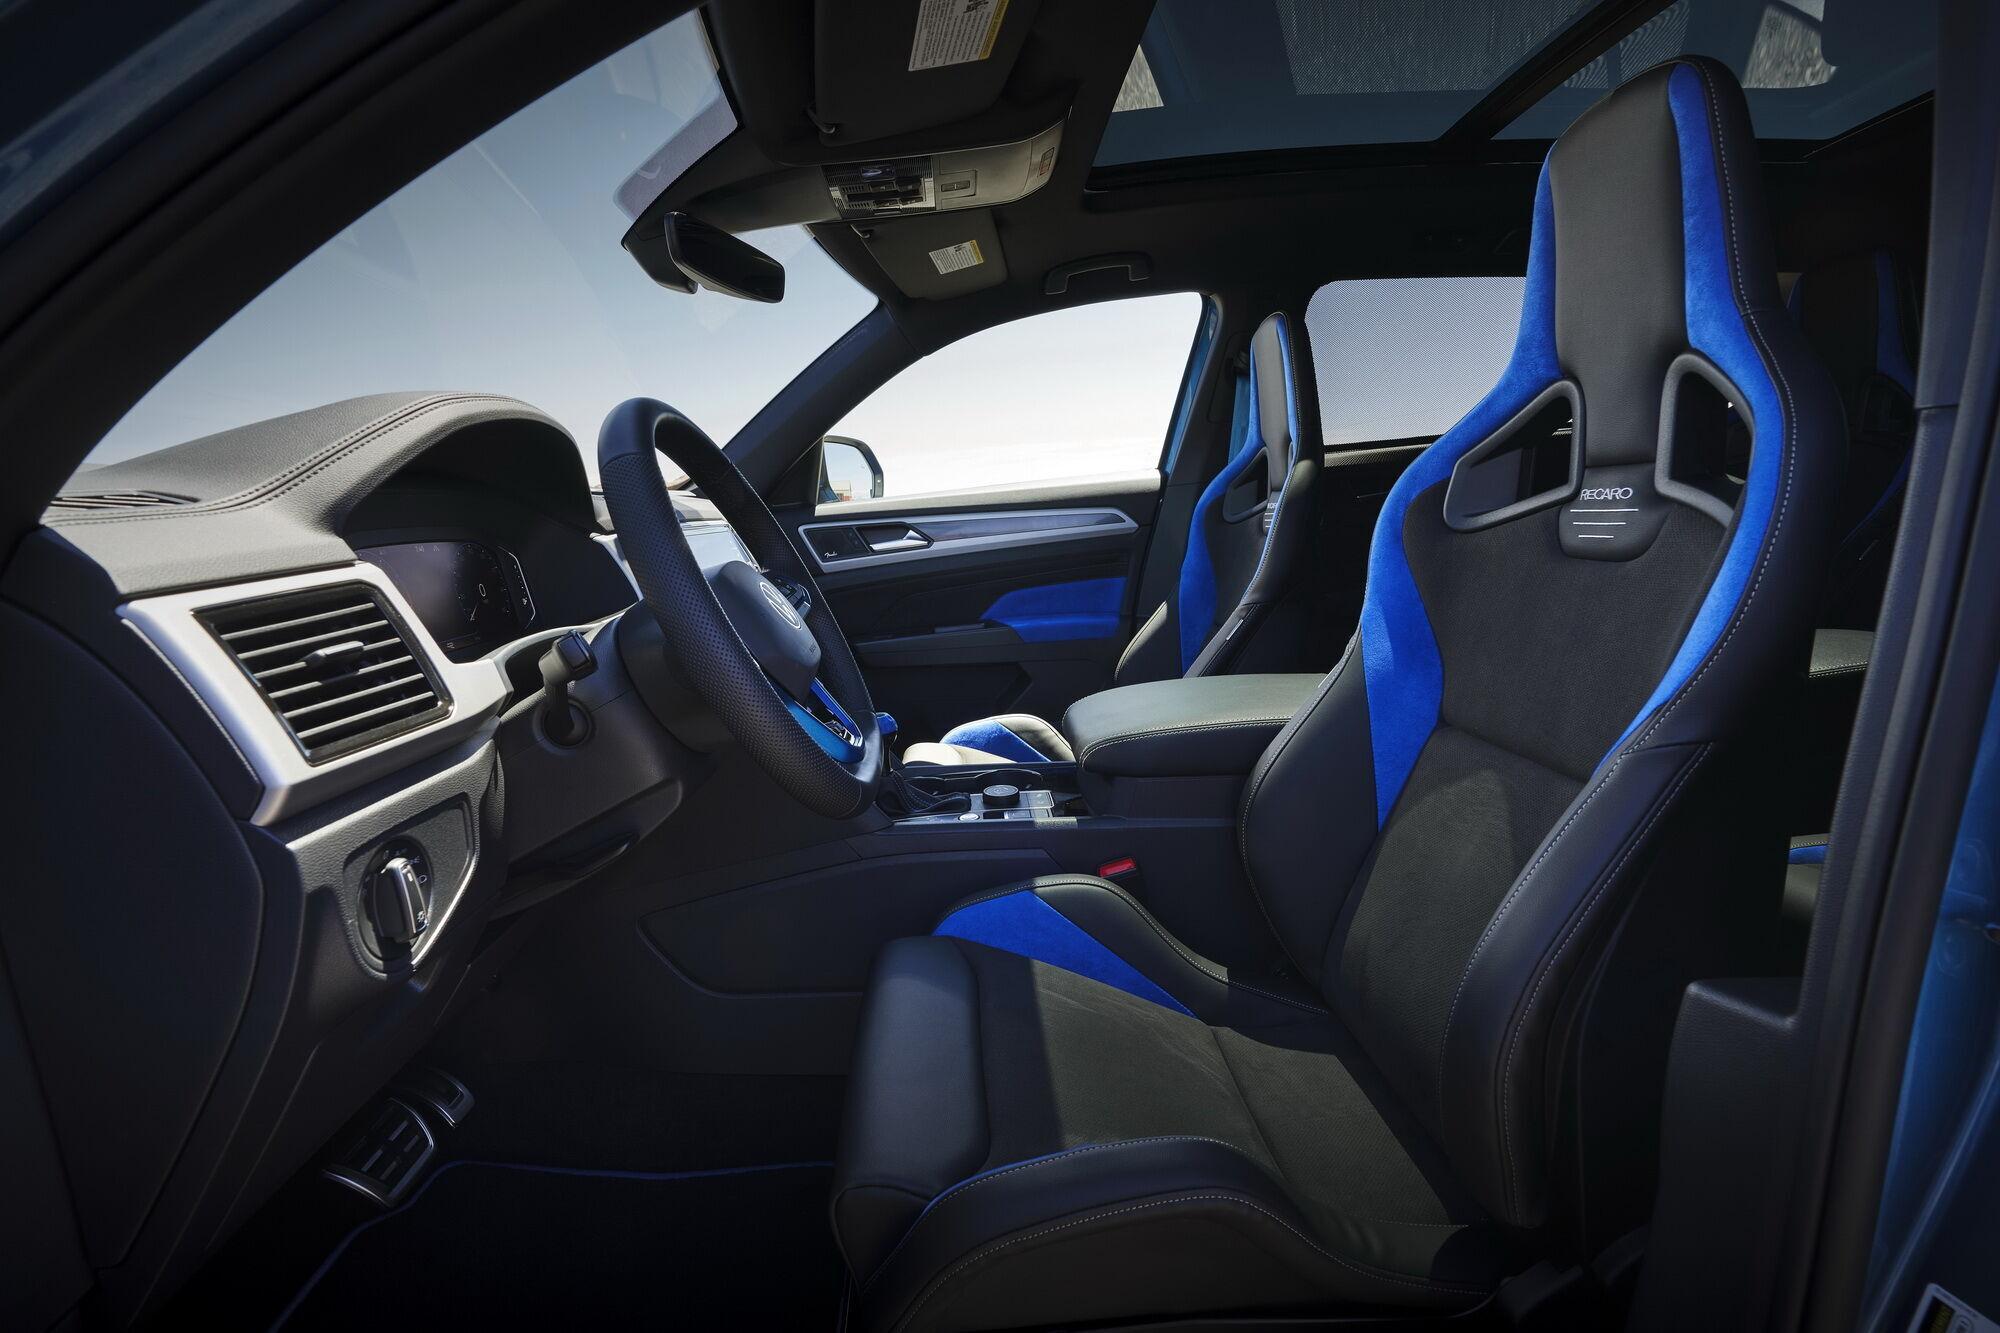 Уникальный синий цвет также используется в оформлении интерьера